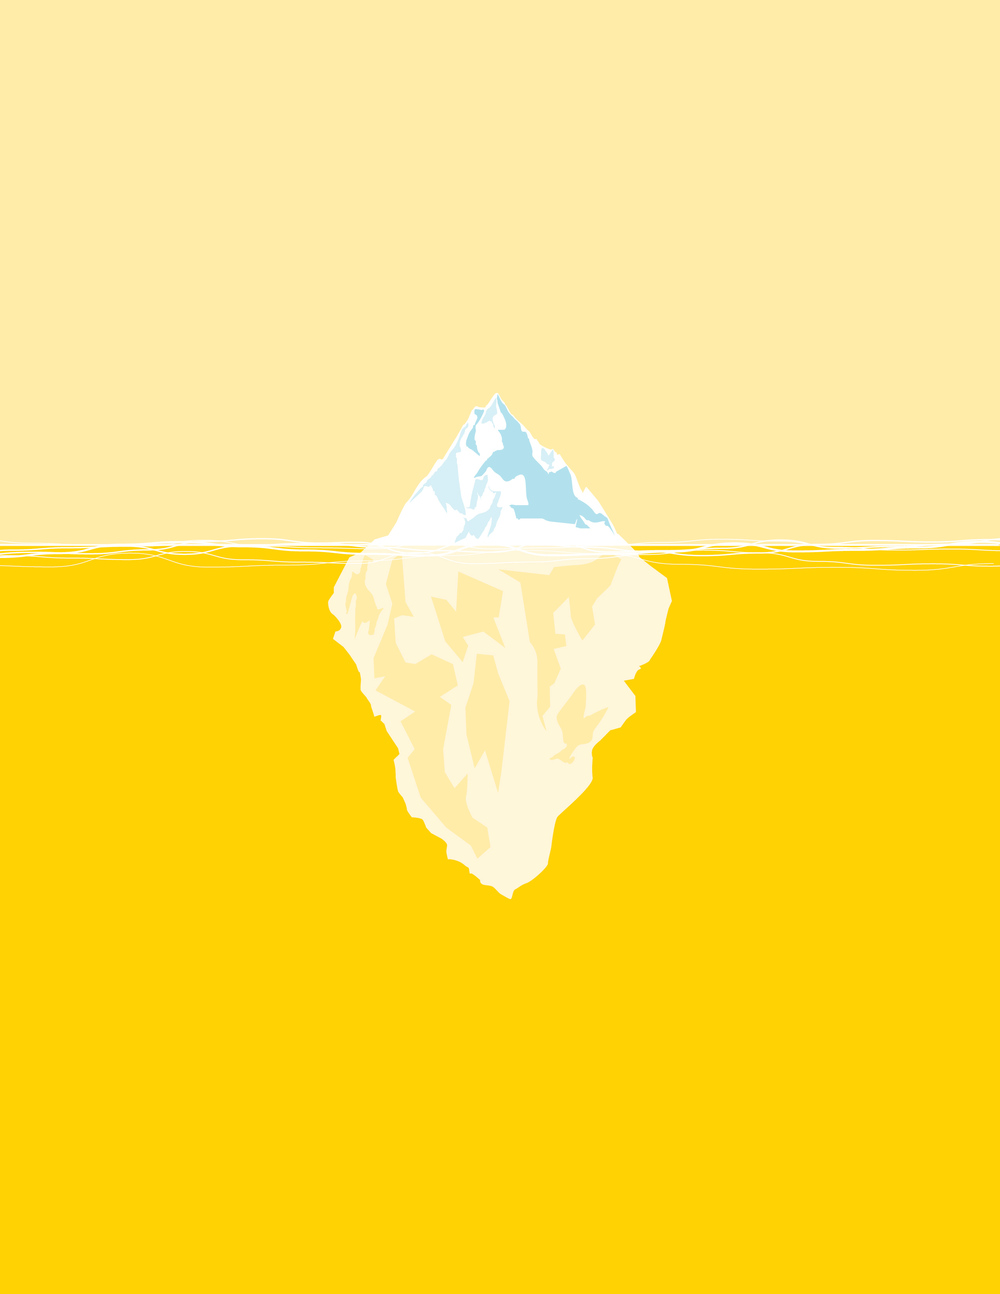 iceberg-01.jpg